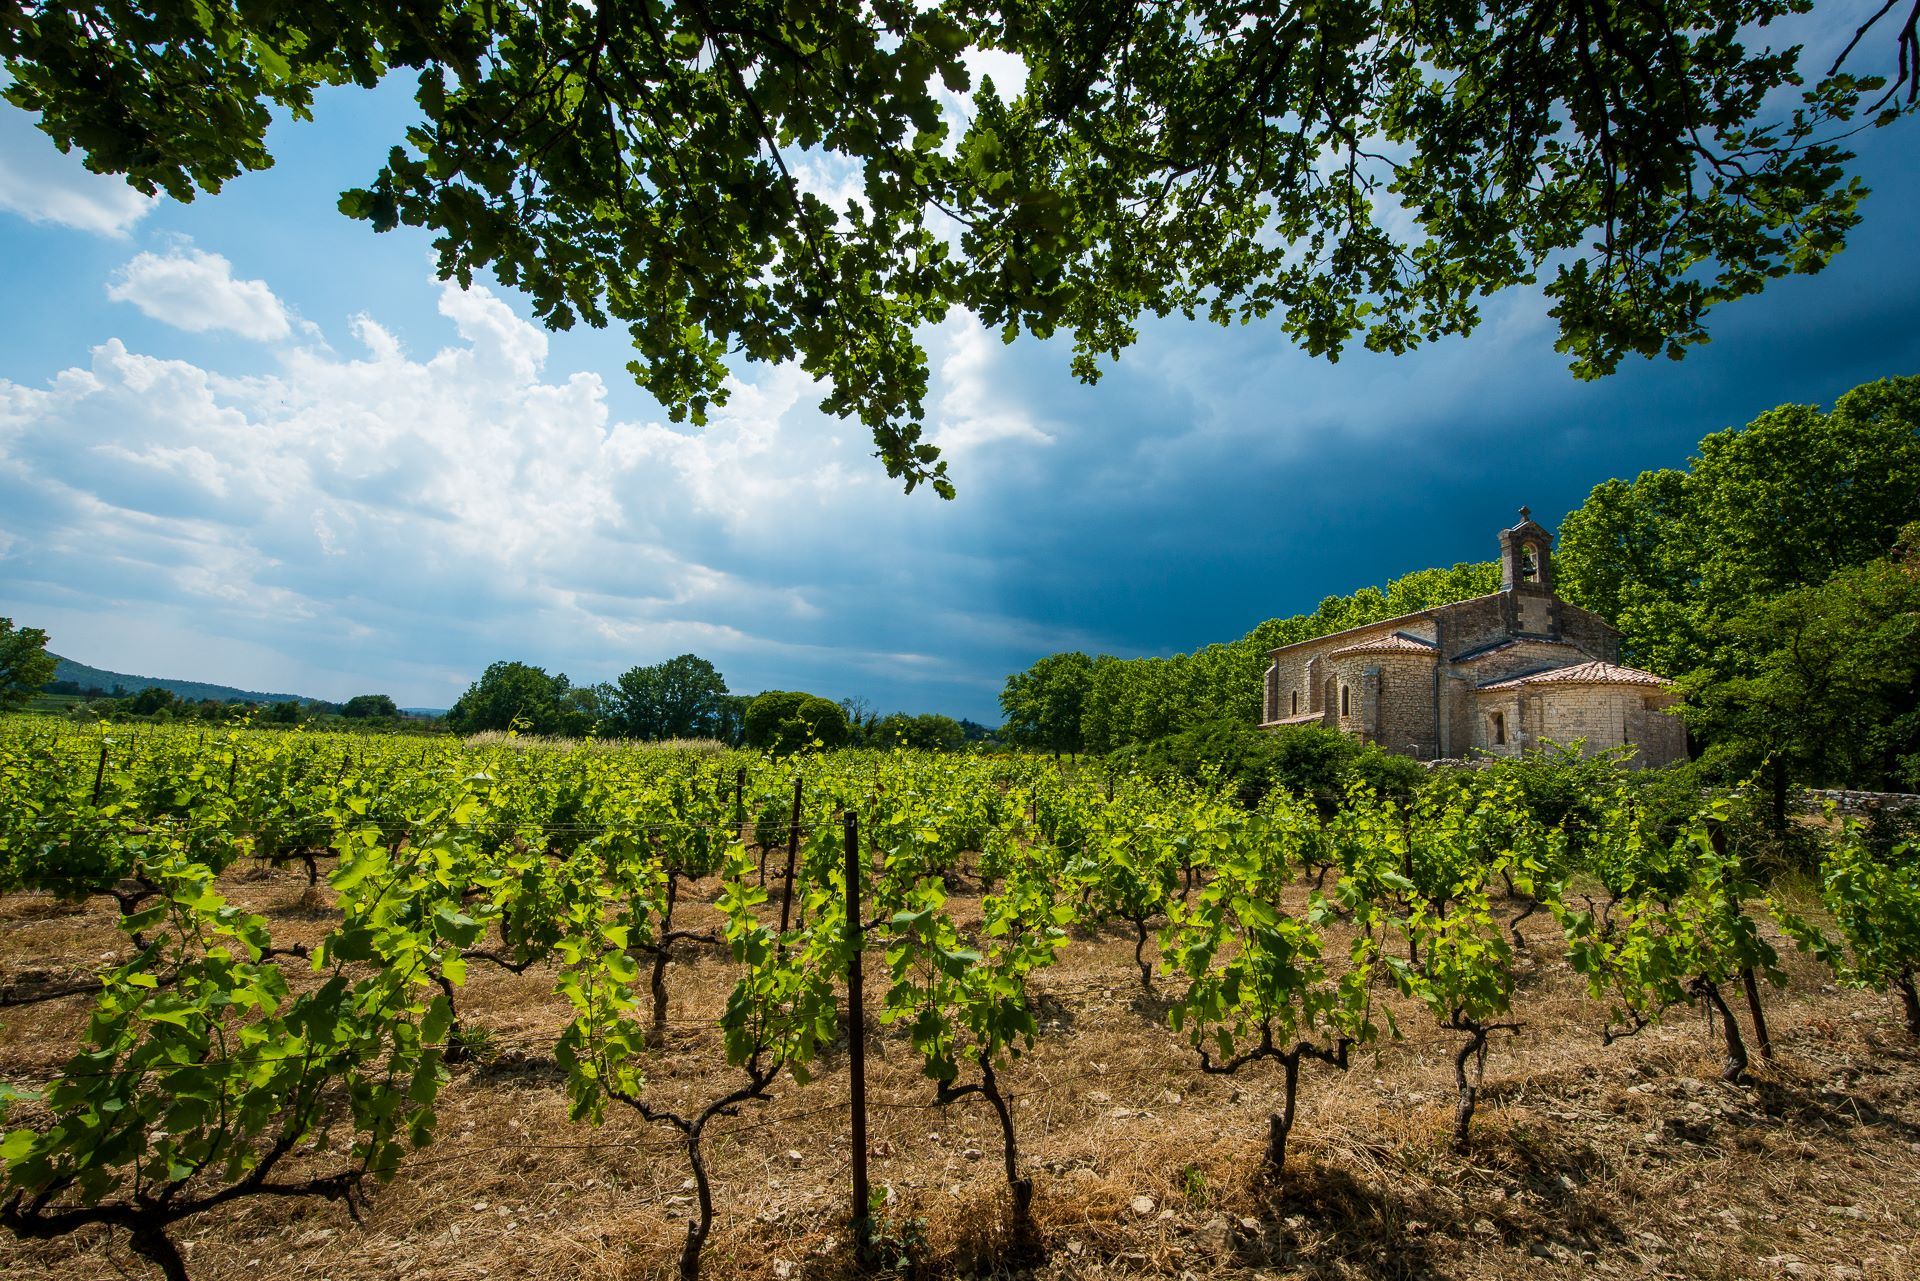 Chapelle Notre dame d'Alairac dans les vignes